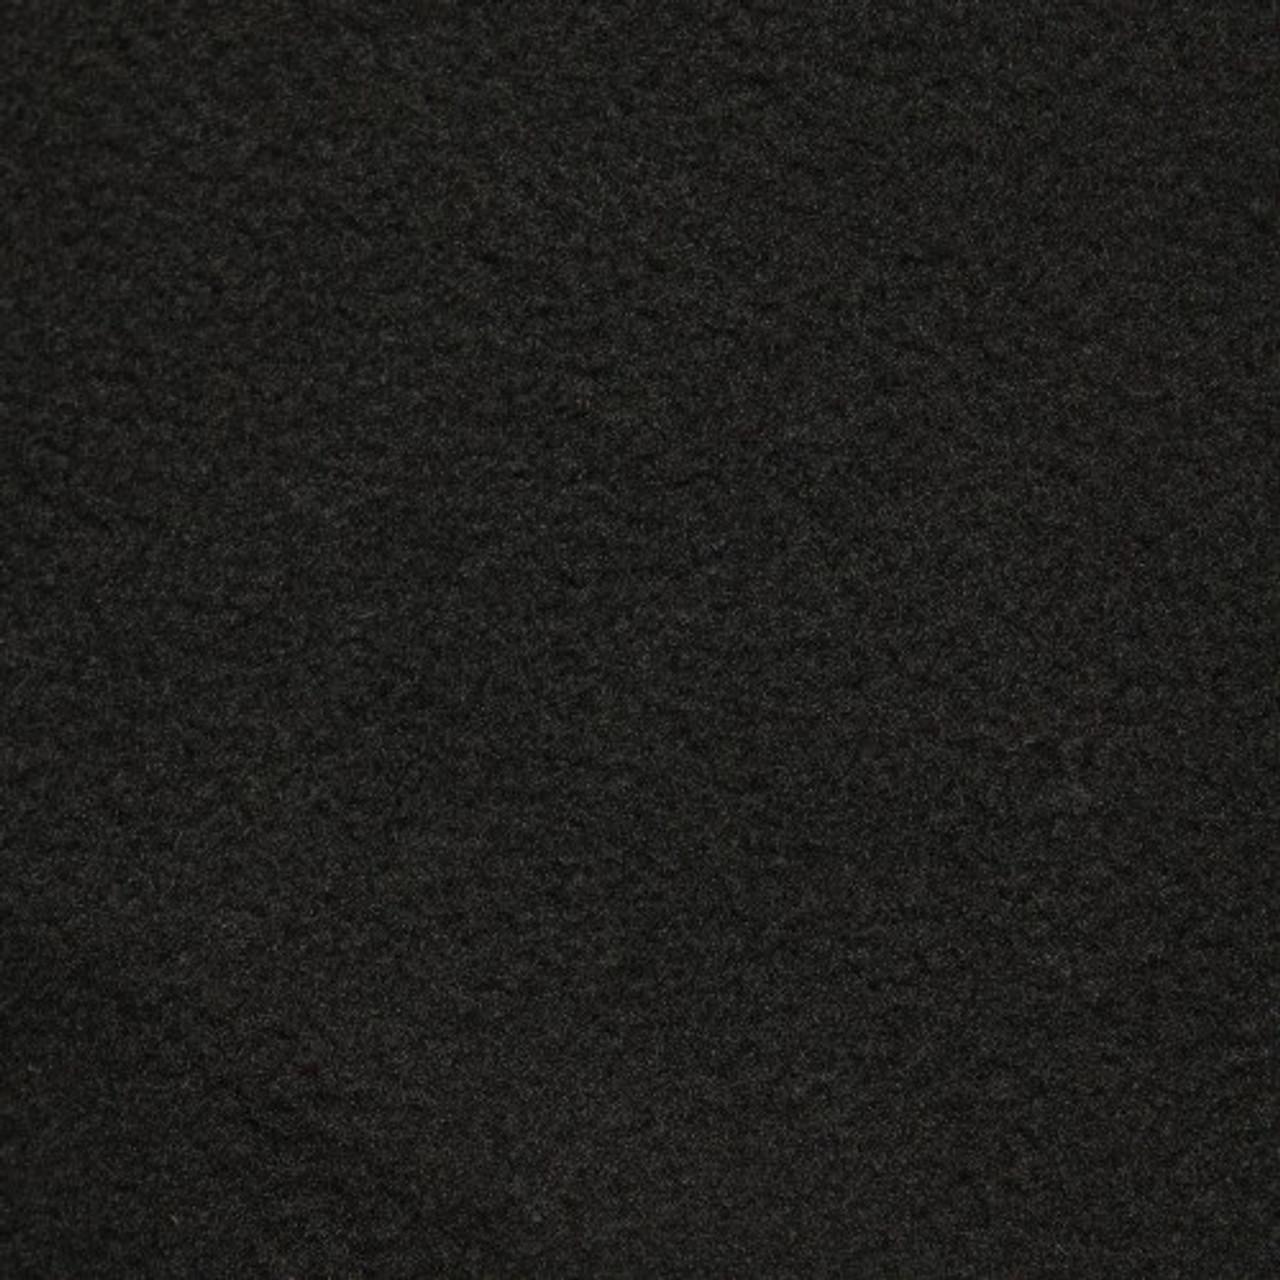 Westcott X-Drop Wrinkle-Resistant Backdrop - Rich Black 5' x 7'